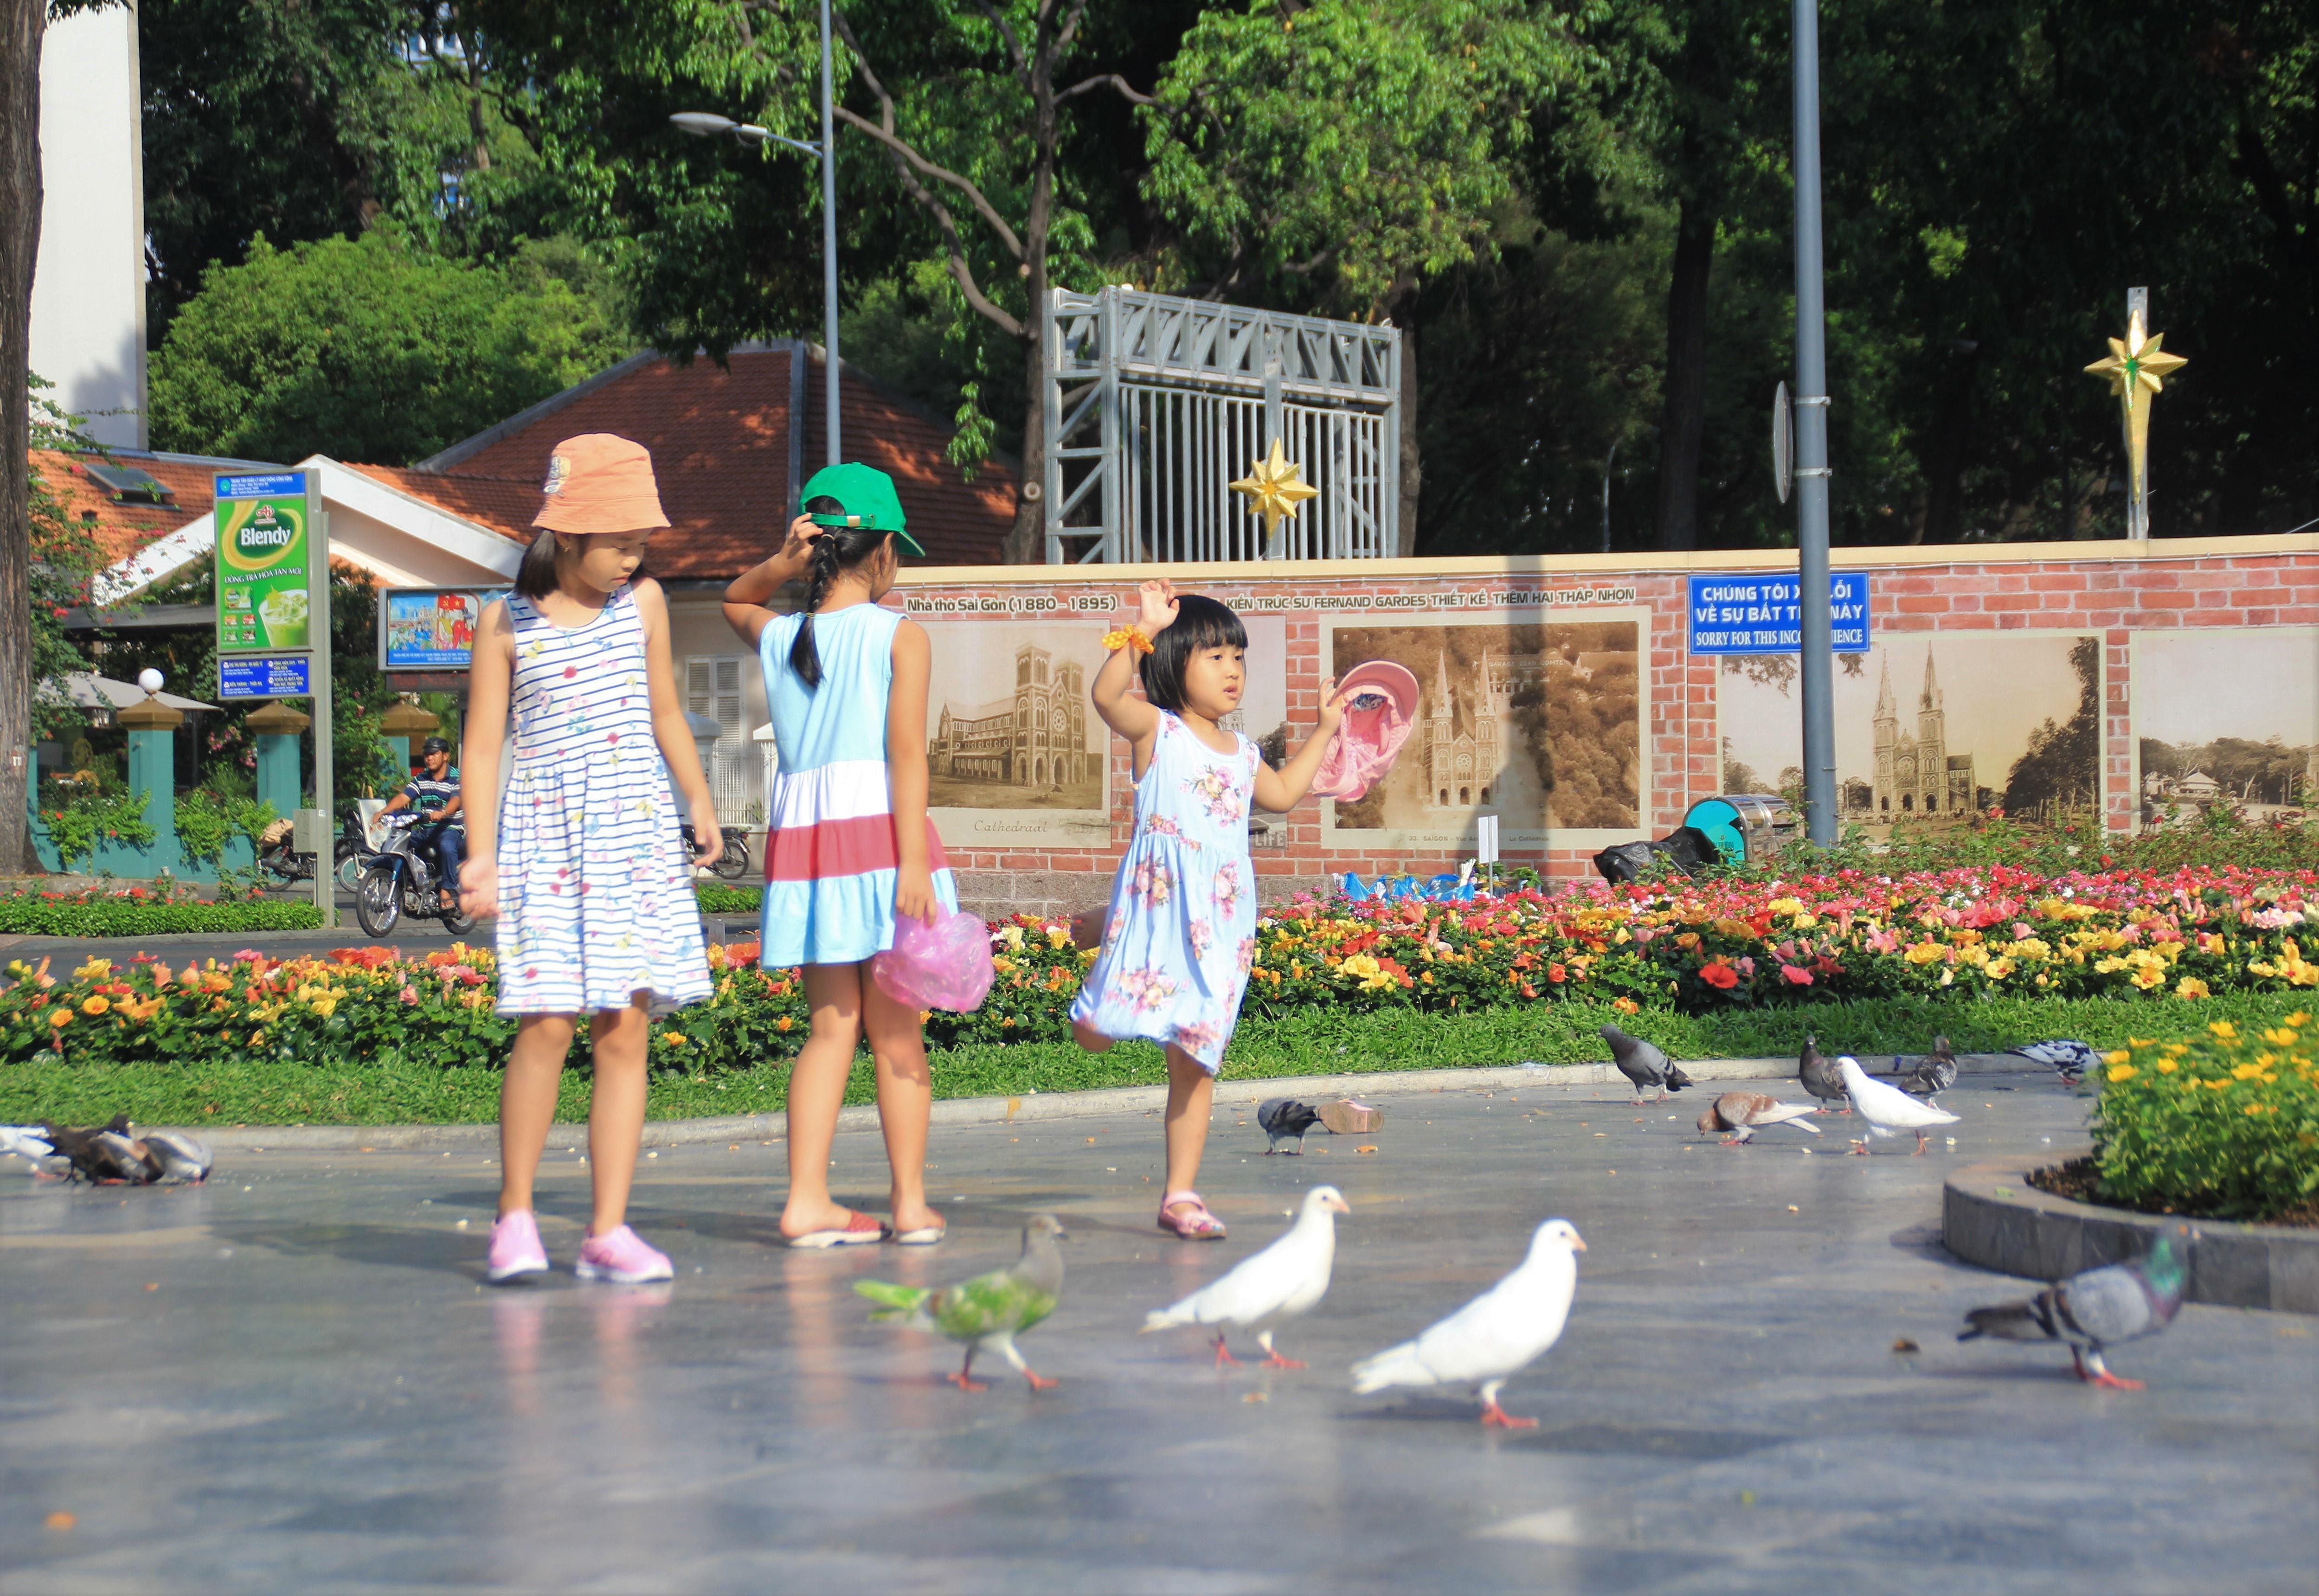 Khung cảnh yên ả ở Sài Gòn ngày đầu kỳ nghỉ lễ 30/4 và 1/5 Ảnh 5